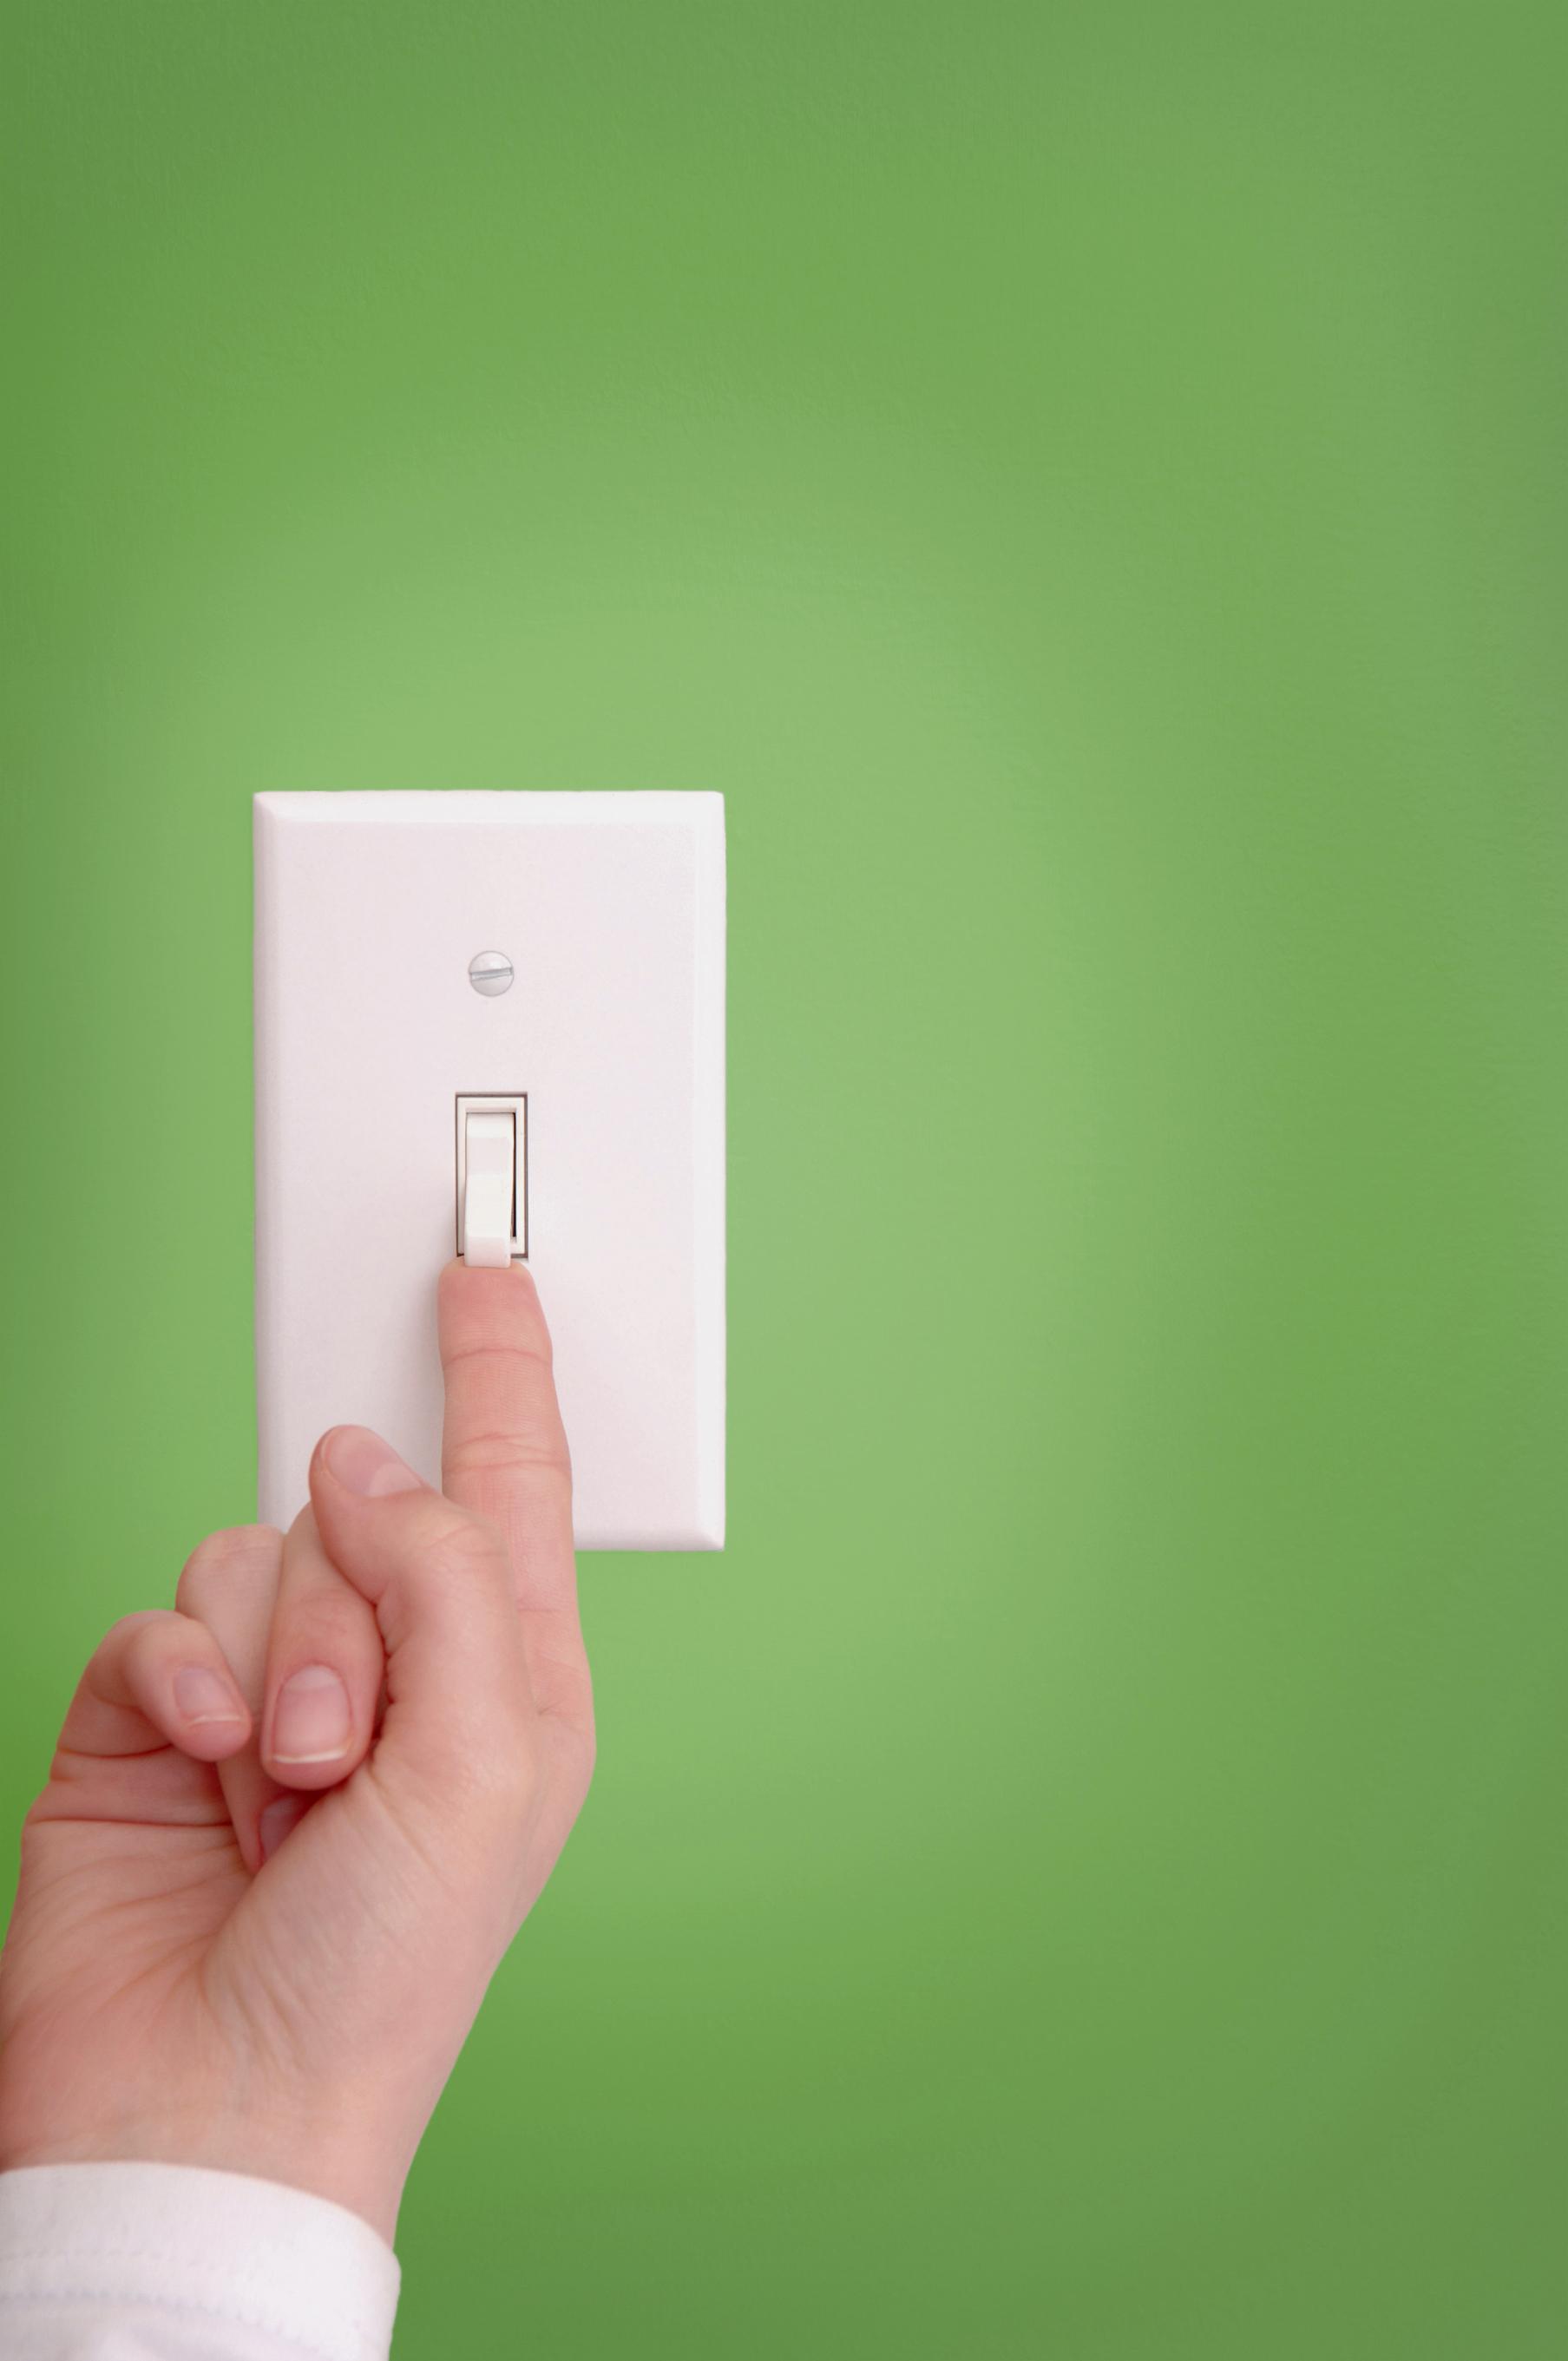 Kompaktne fluorescenčne svetilke so izredno energijsko varčne, a občutljive na zaporedno ugašanje in prižiganje.